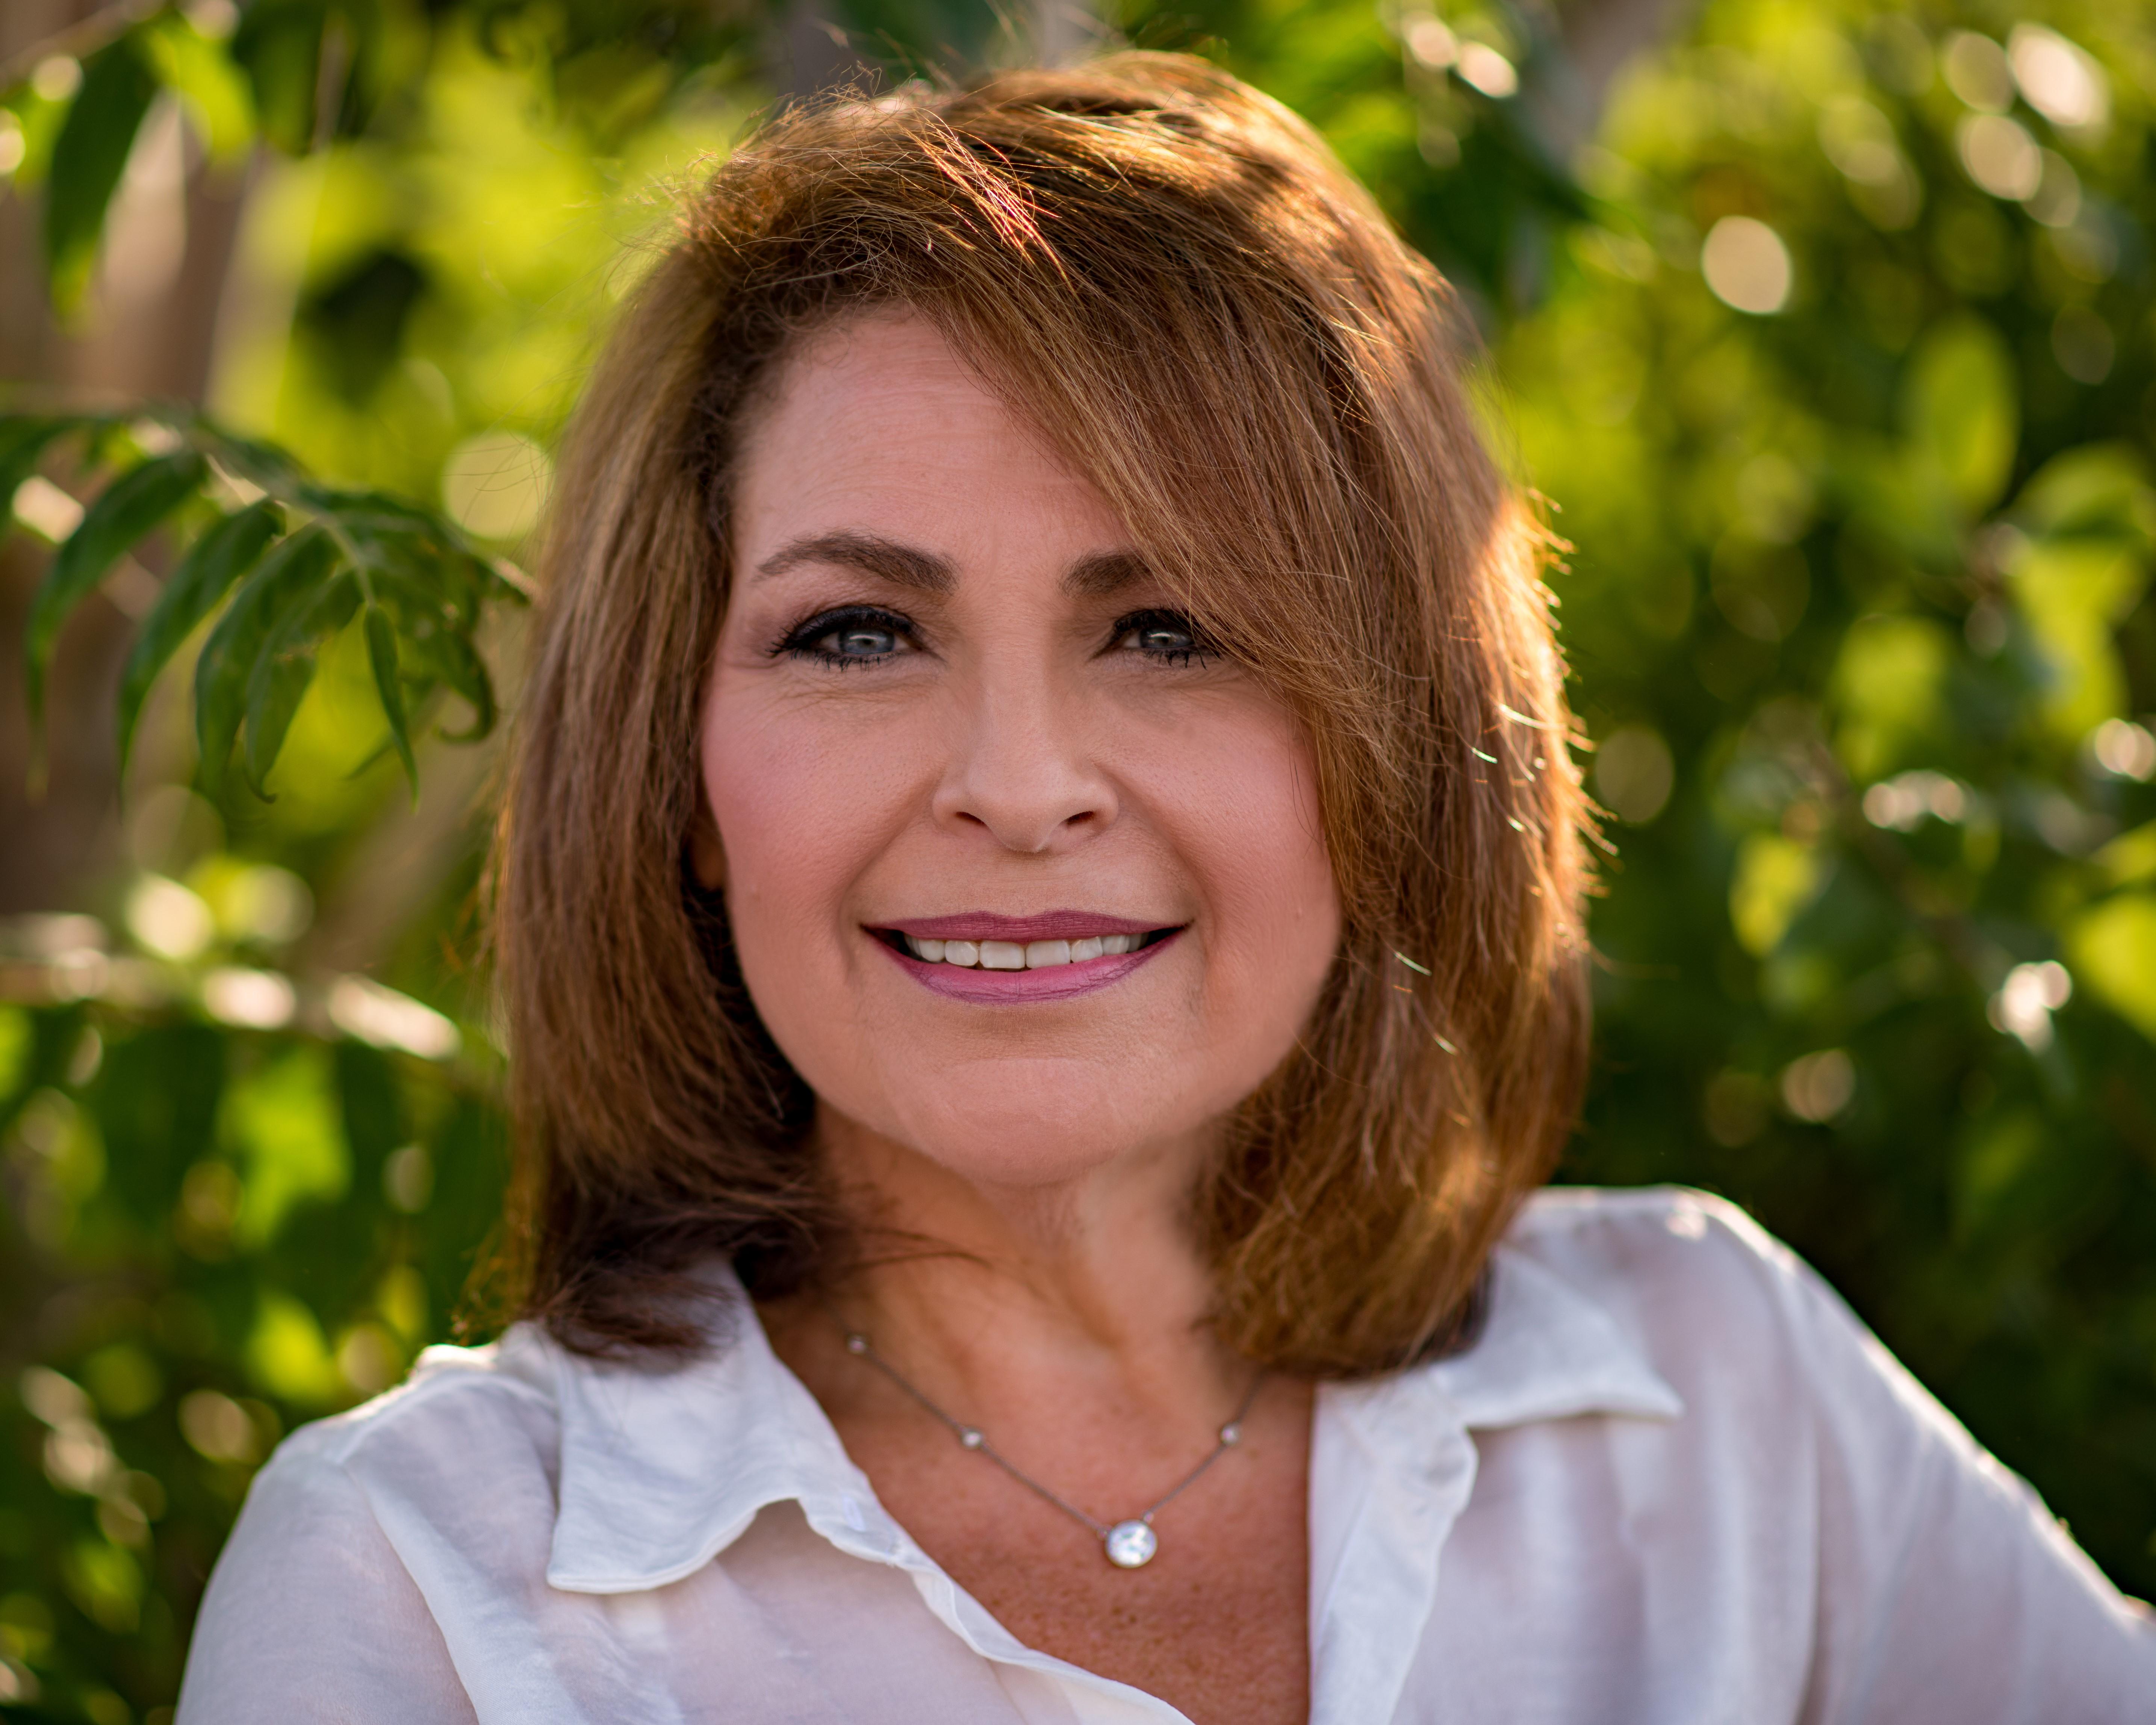 Gina Simone